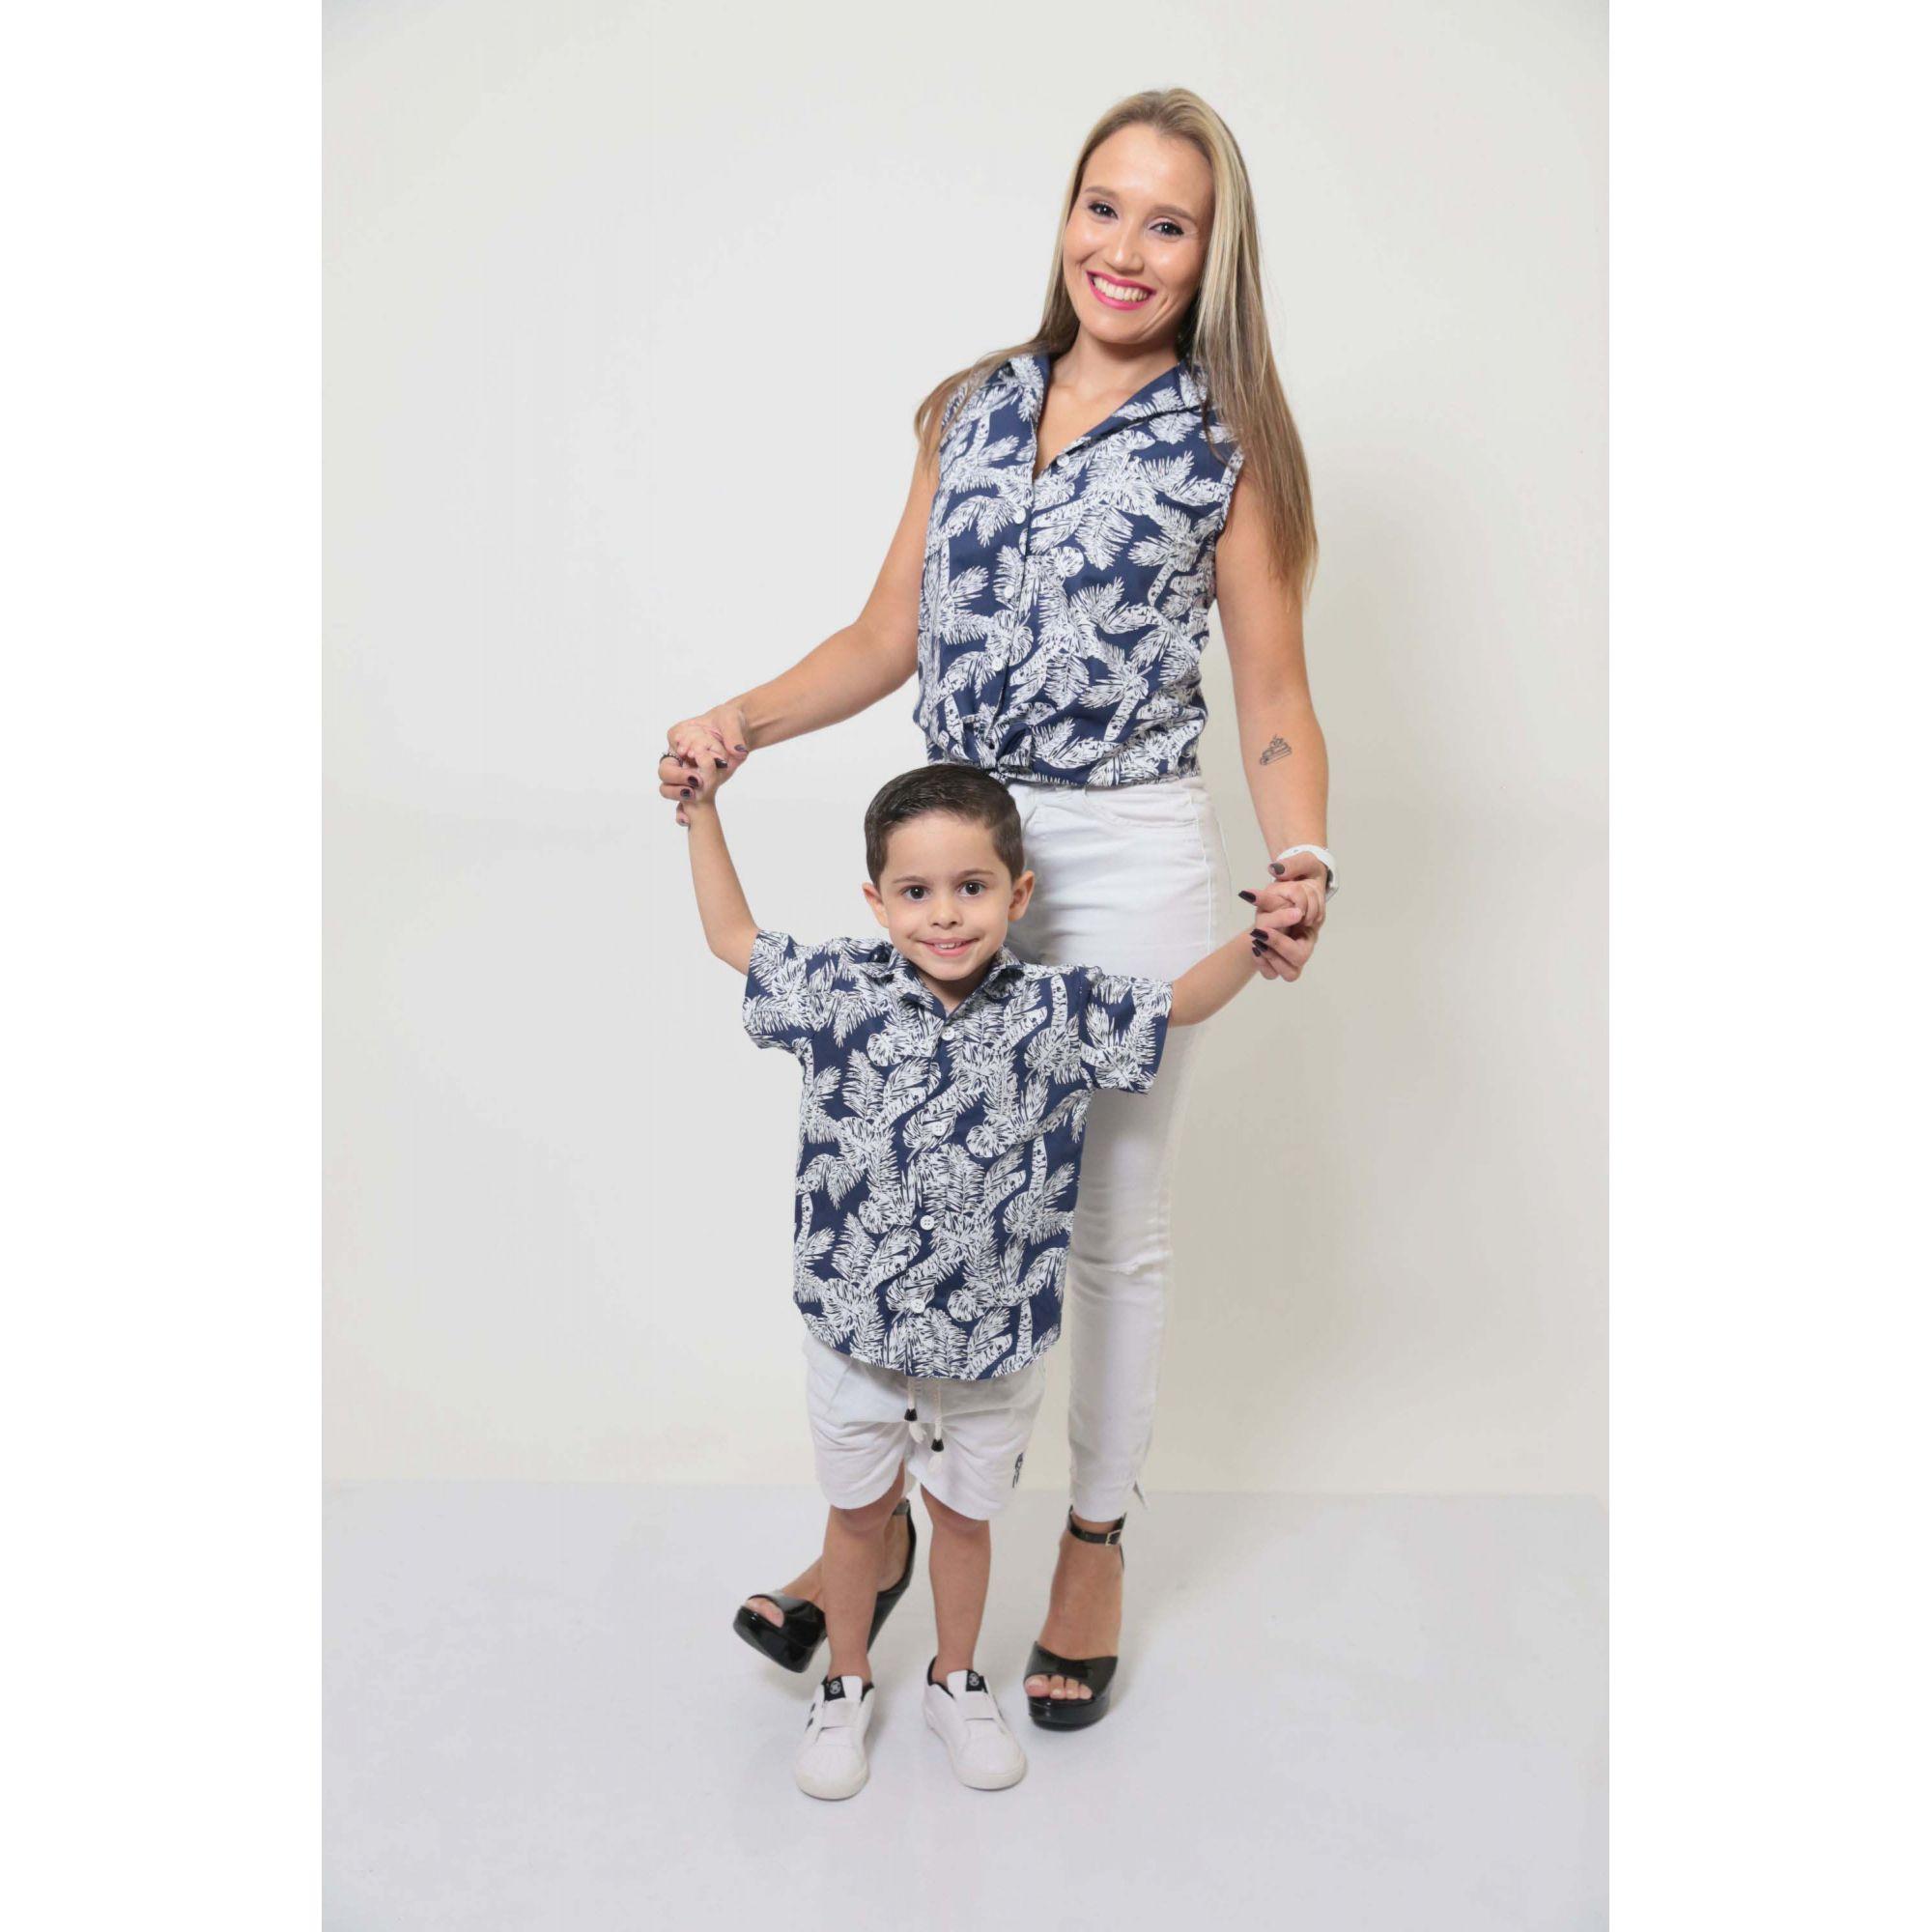 MÃE E FILHO > Kit 02 Camisas Social - Adulto e Infantil Azul Floresta [Coleção Tal Mãe Tal Filho]